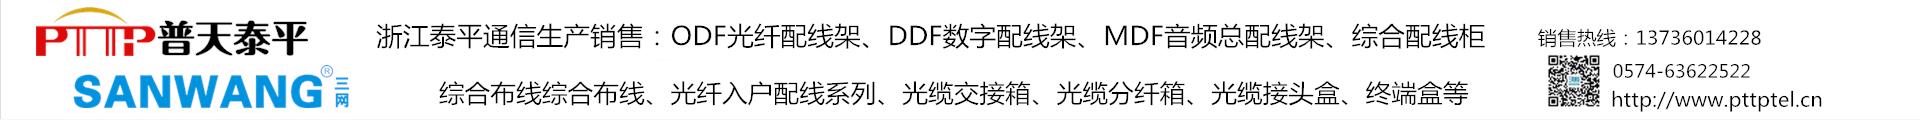 浙江泰平通信技术有限公司